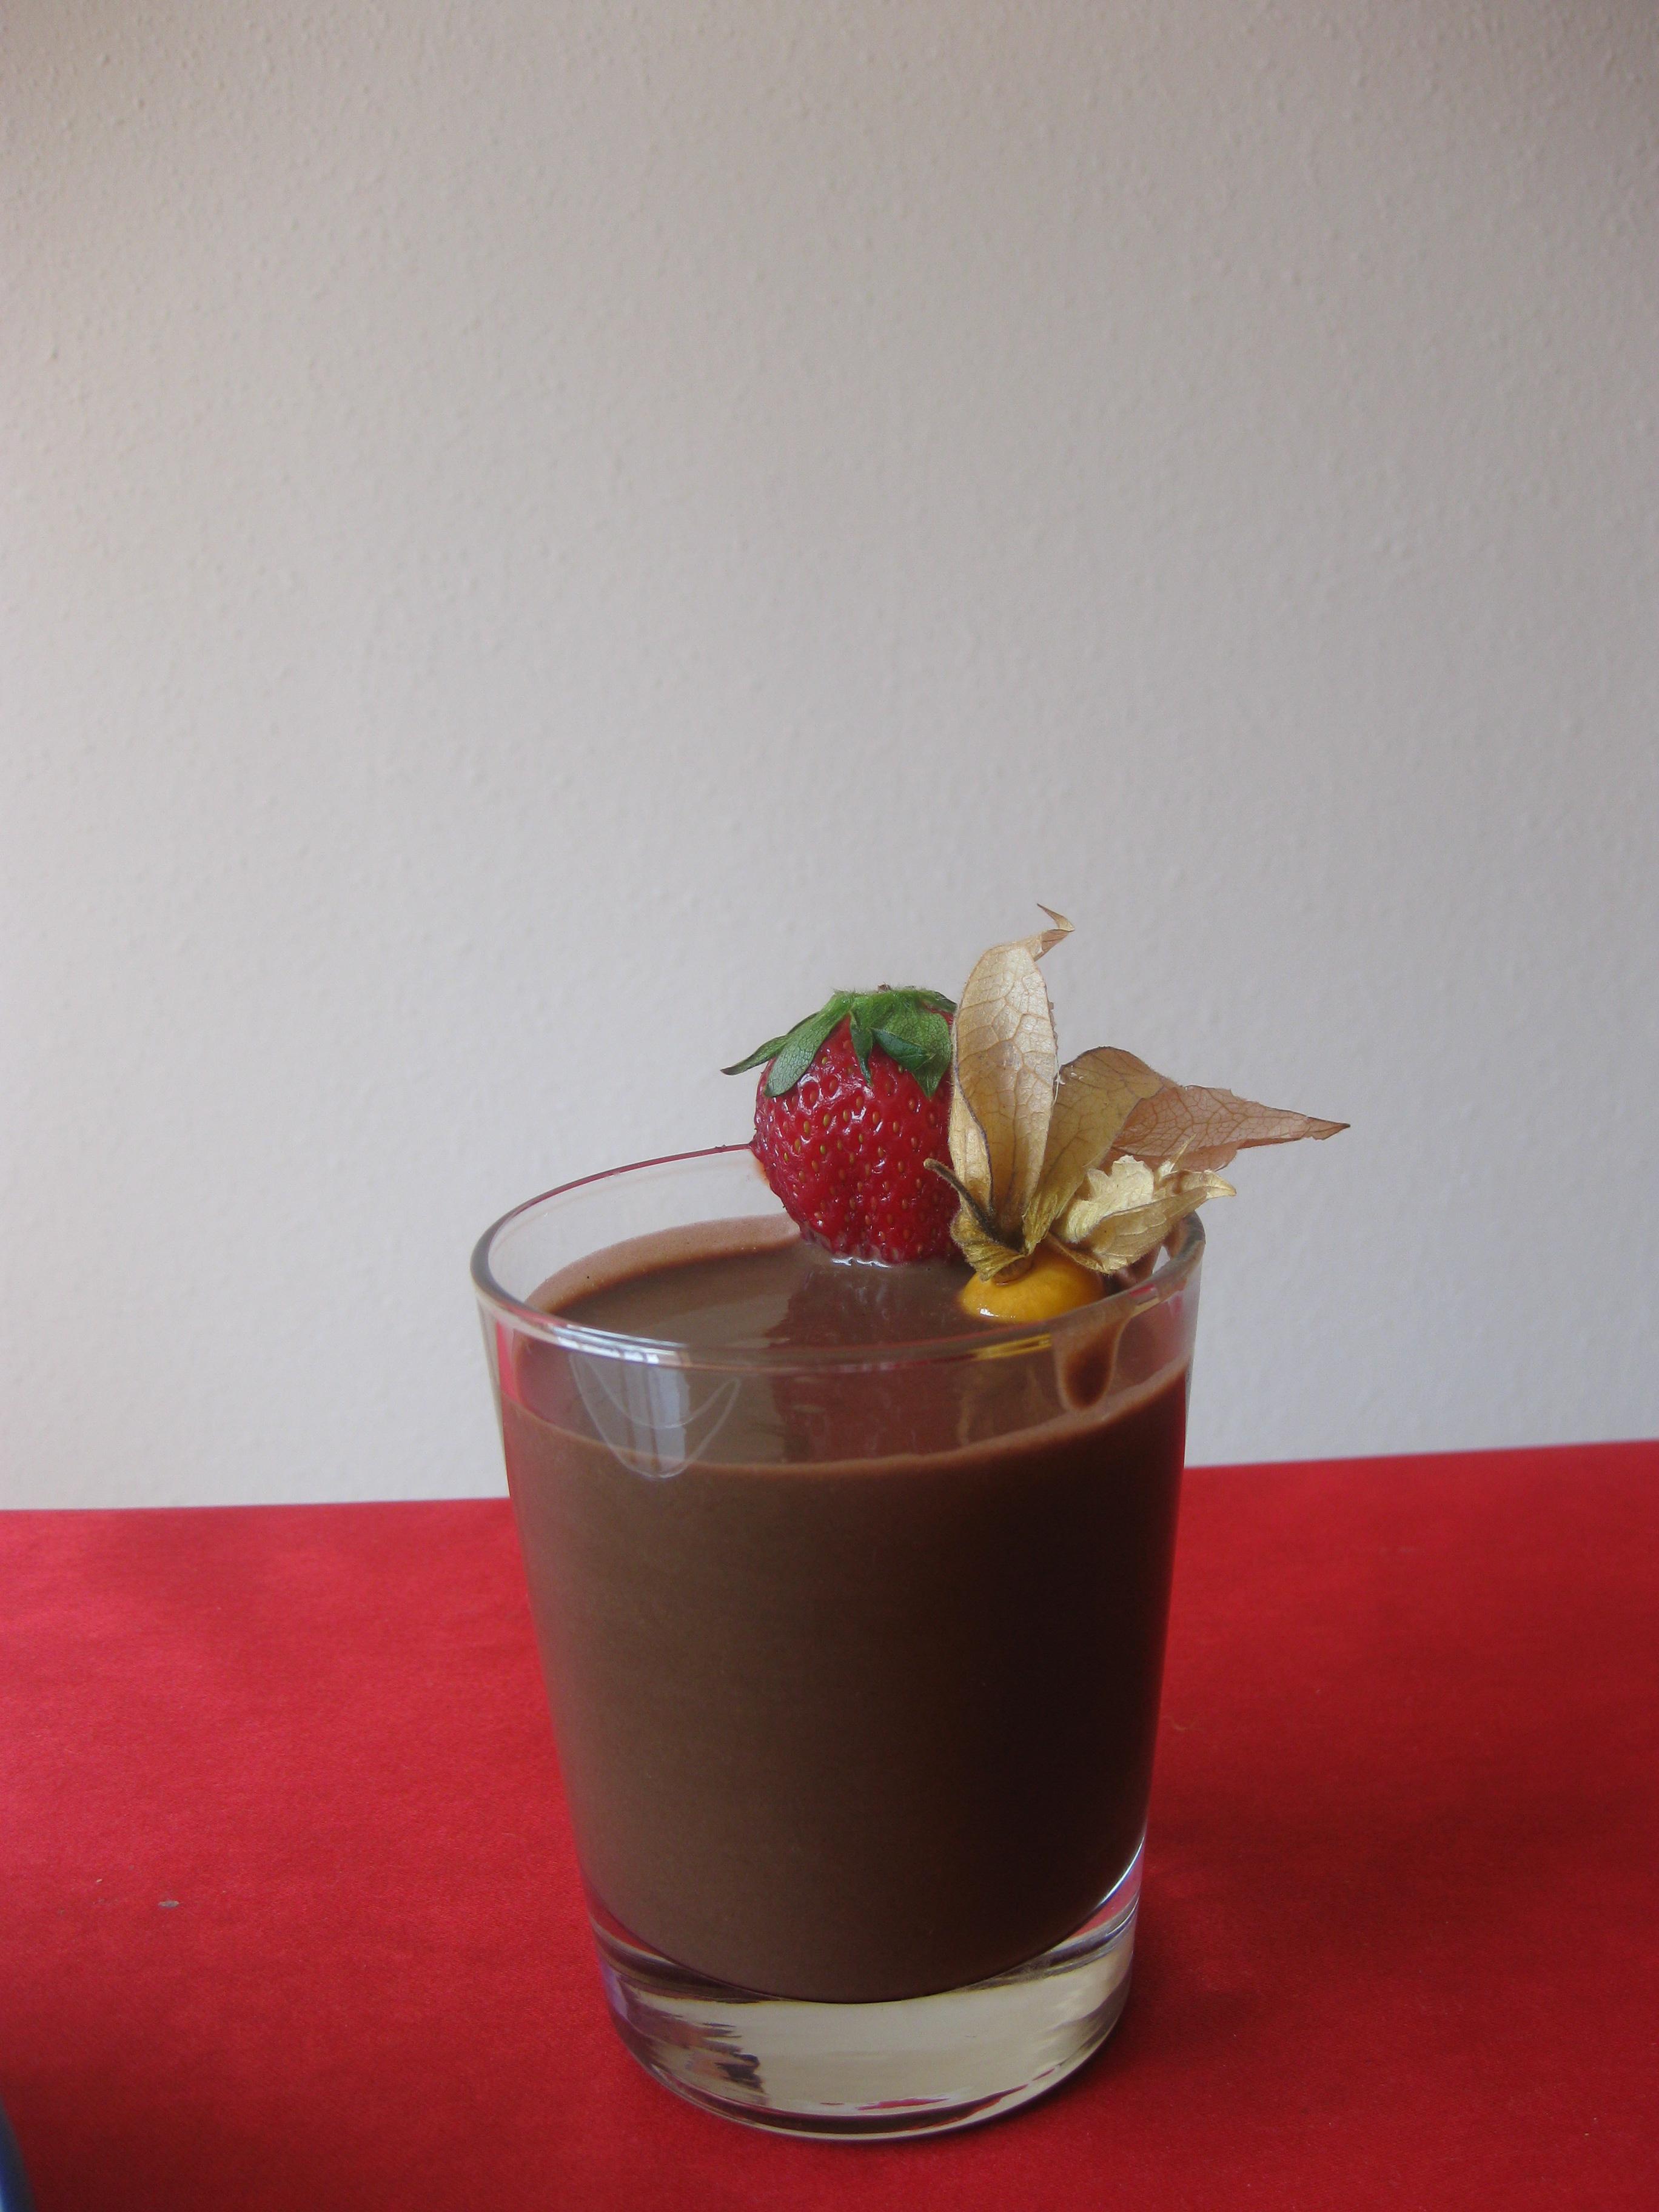 Cremoso de algarroba, una alternativa de Cocina Energetica a los azucares refinados, sana y sabrosa